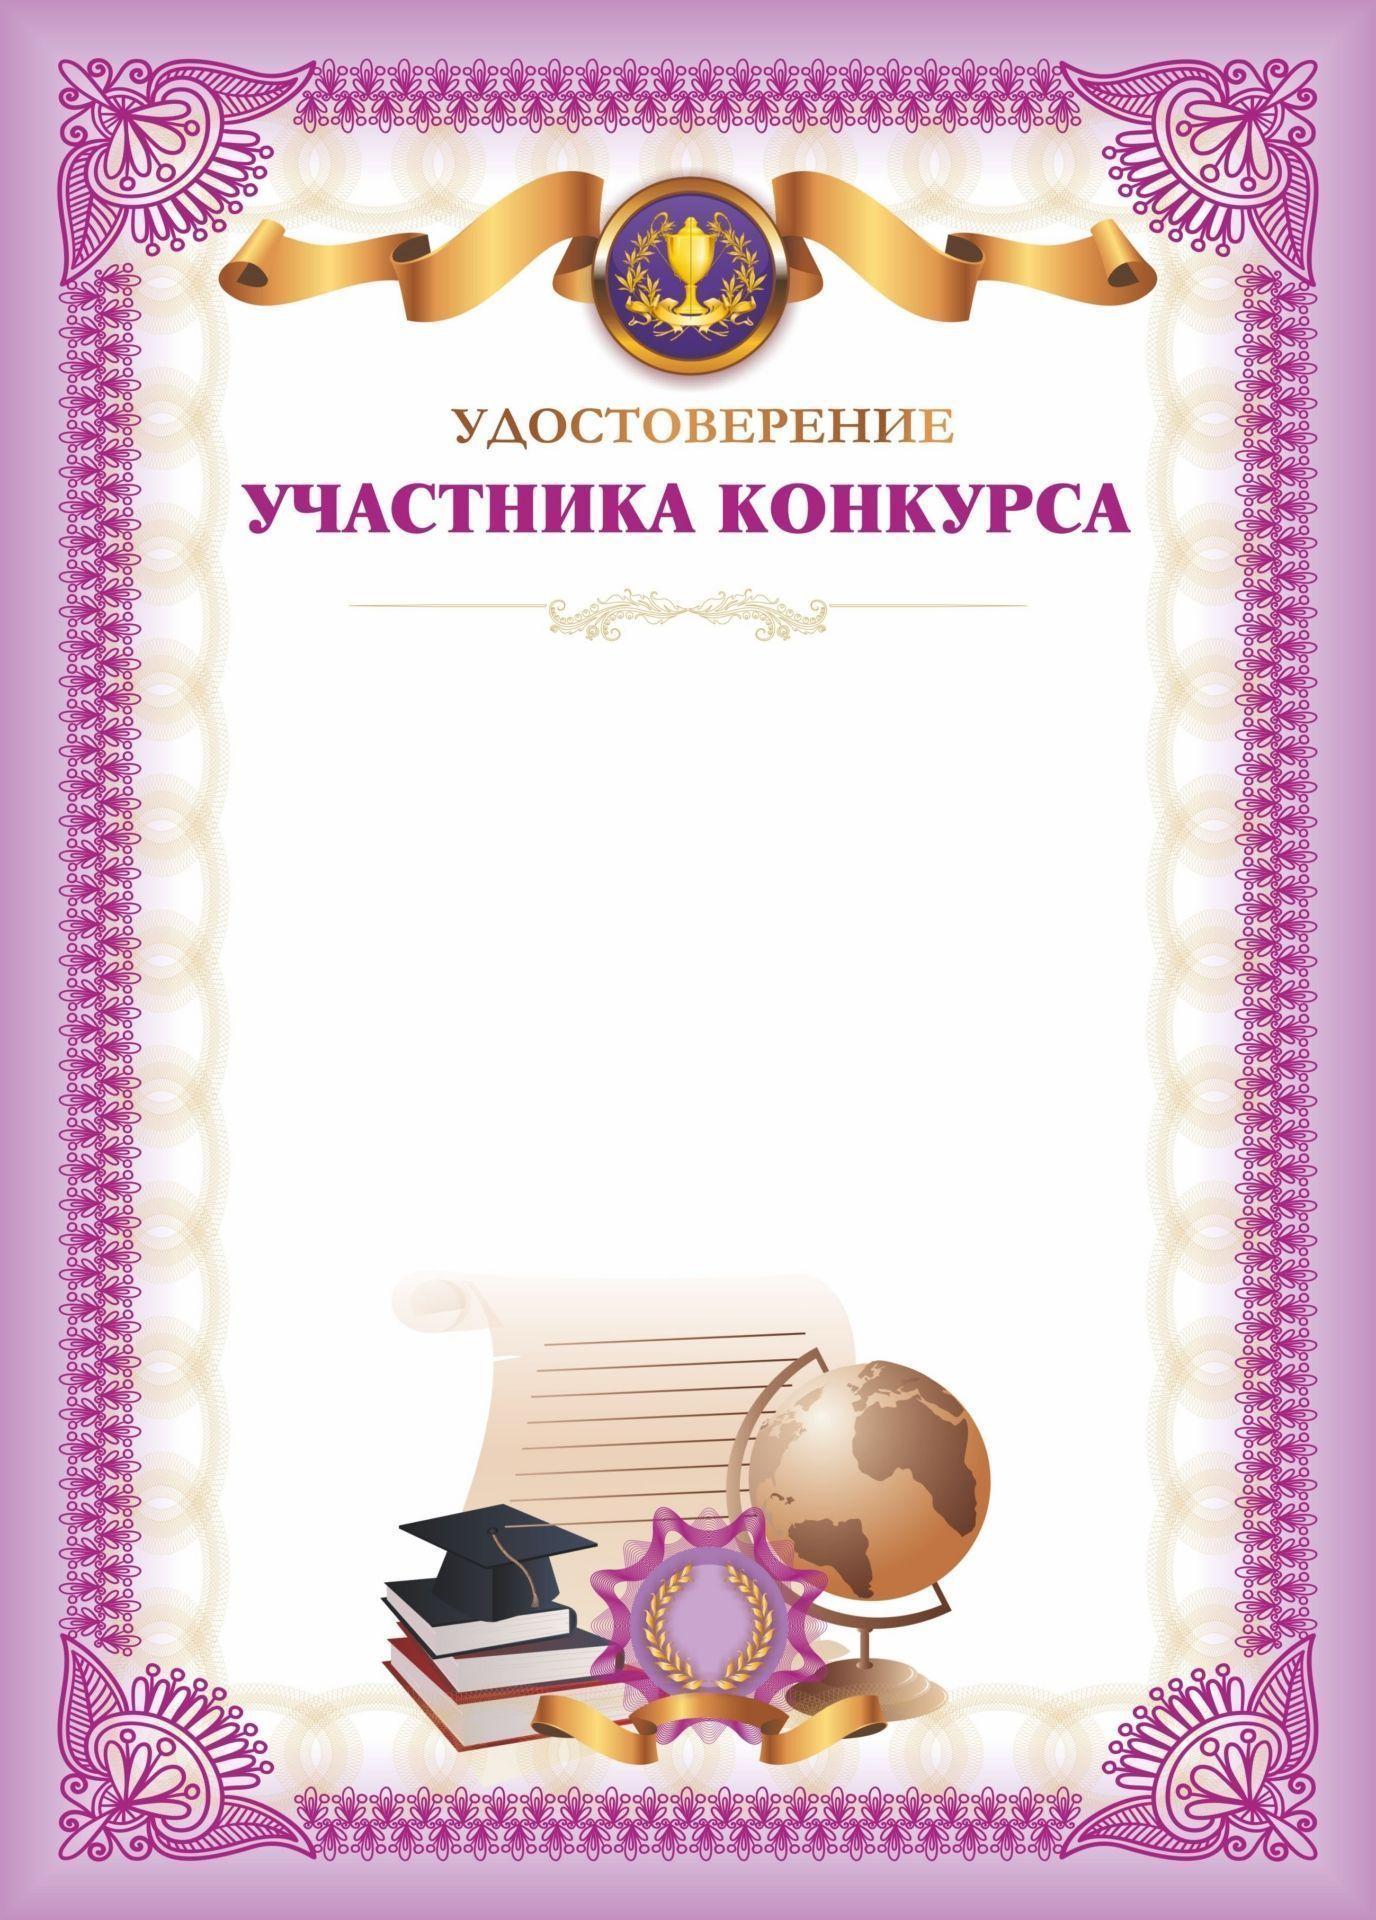 Удостоверение участника конкурсаУчащимся<br>Материалы:иллюстрации - бумага мелованная, пл. 250.00.<br><br>Год: 2018<br>Высота: 297<br>Ширина: 210